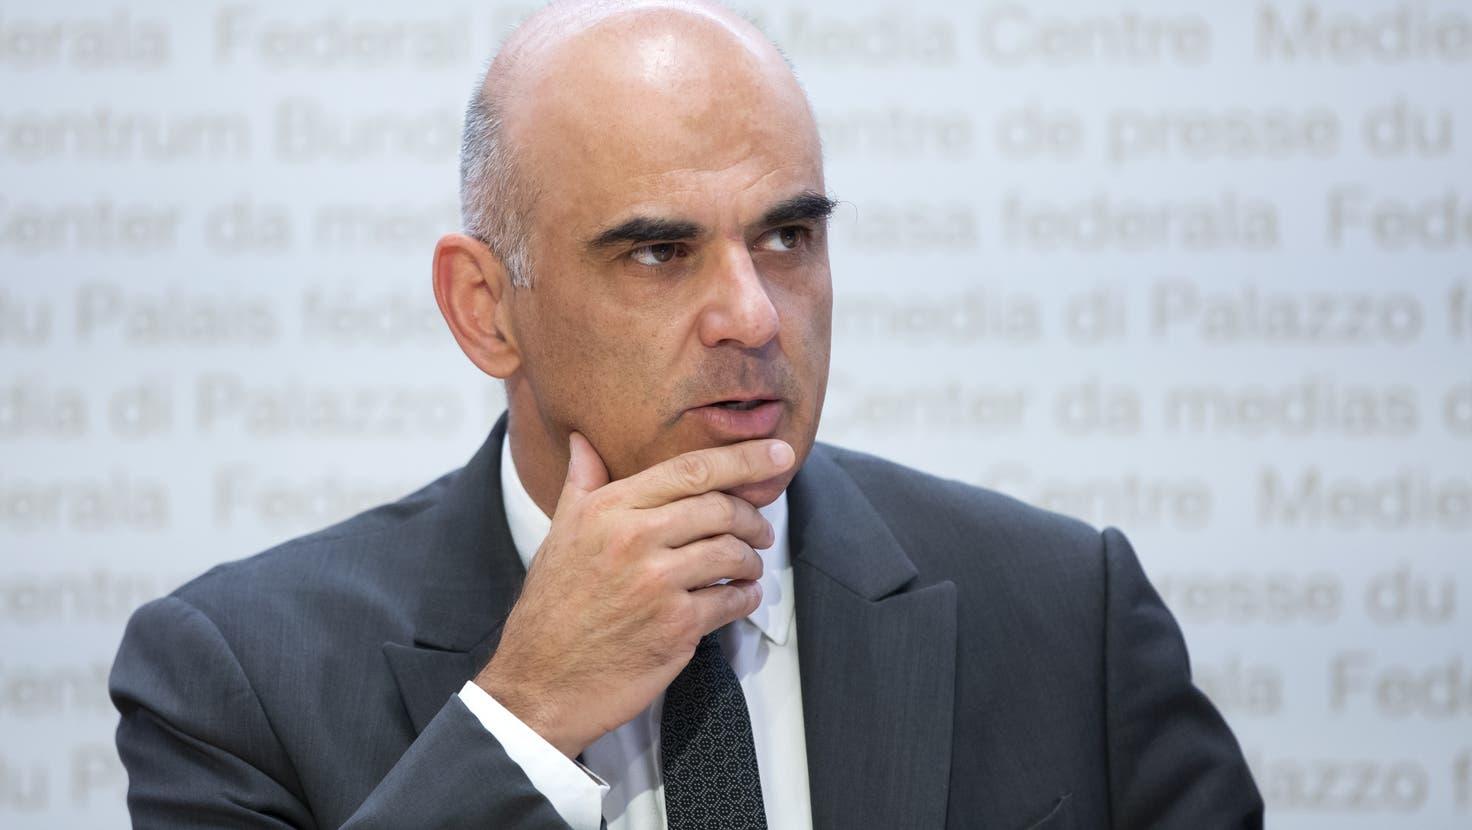 Der Bundesrat lockert den Zugang zum Covid-Zertifikat, sagt aber auch: «Wir dürfen die Kontrolle nicht verlieren»